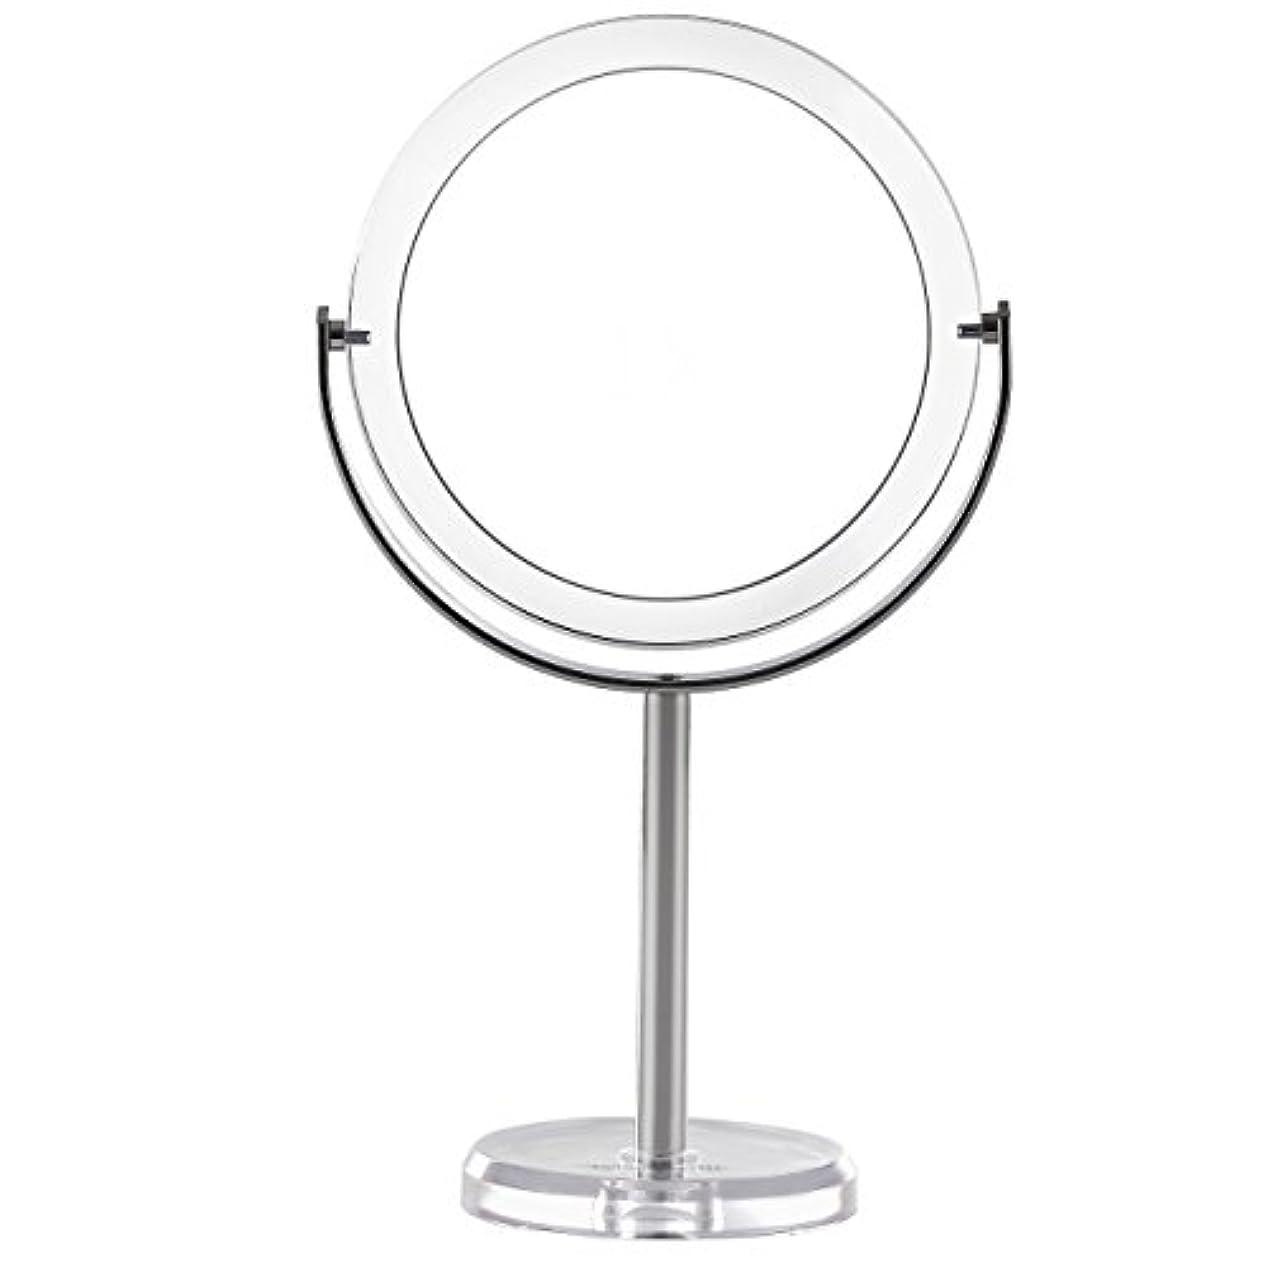 封建相関する本物のMiss Sweet スタンドミラー 両面鏡 1倍*10倍拡大鏡 (Color 1)